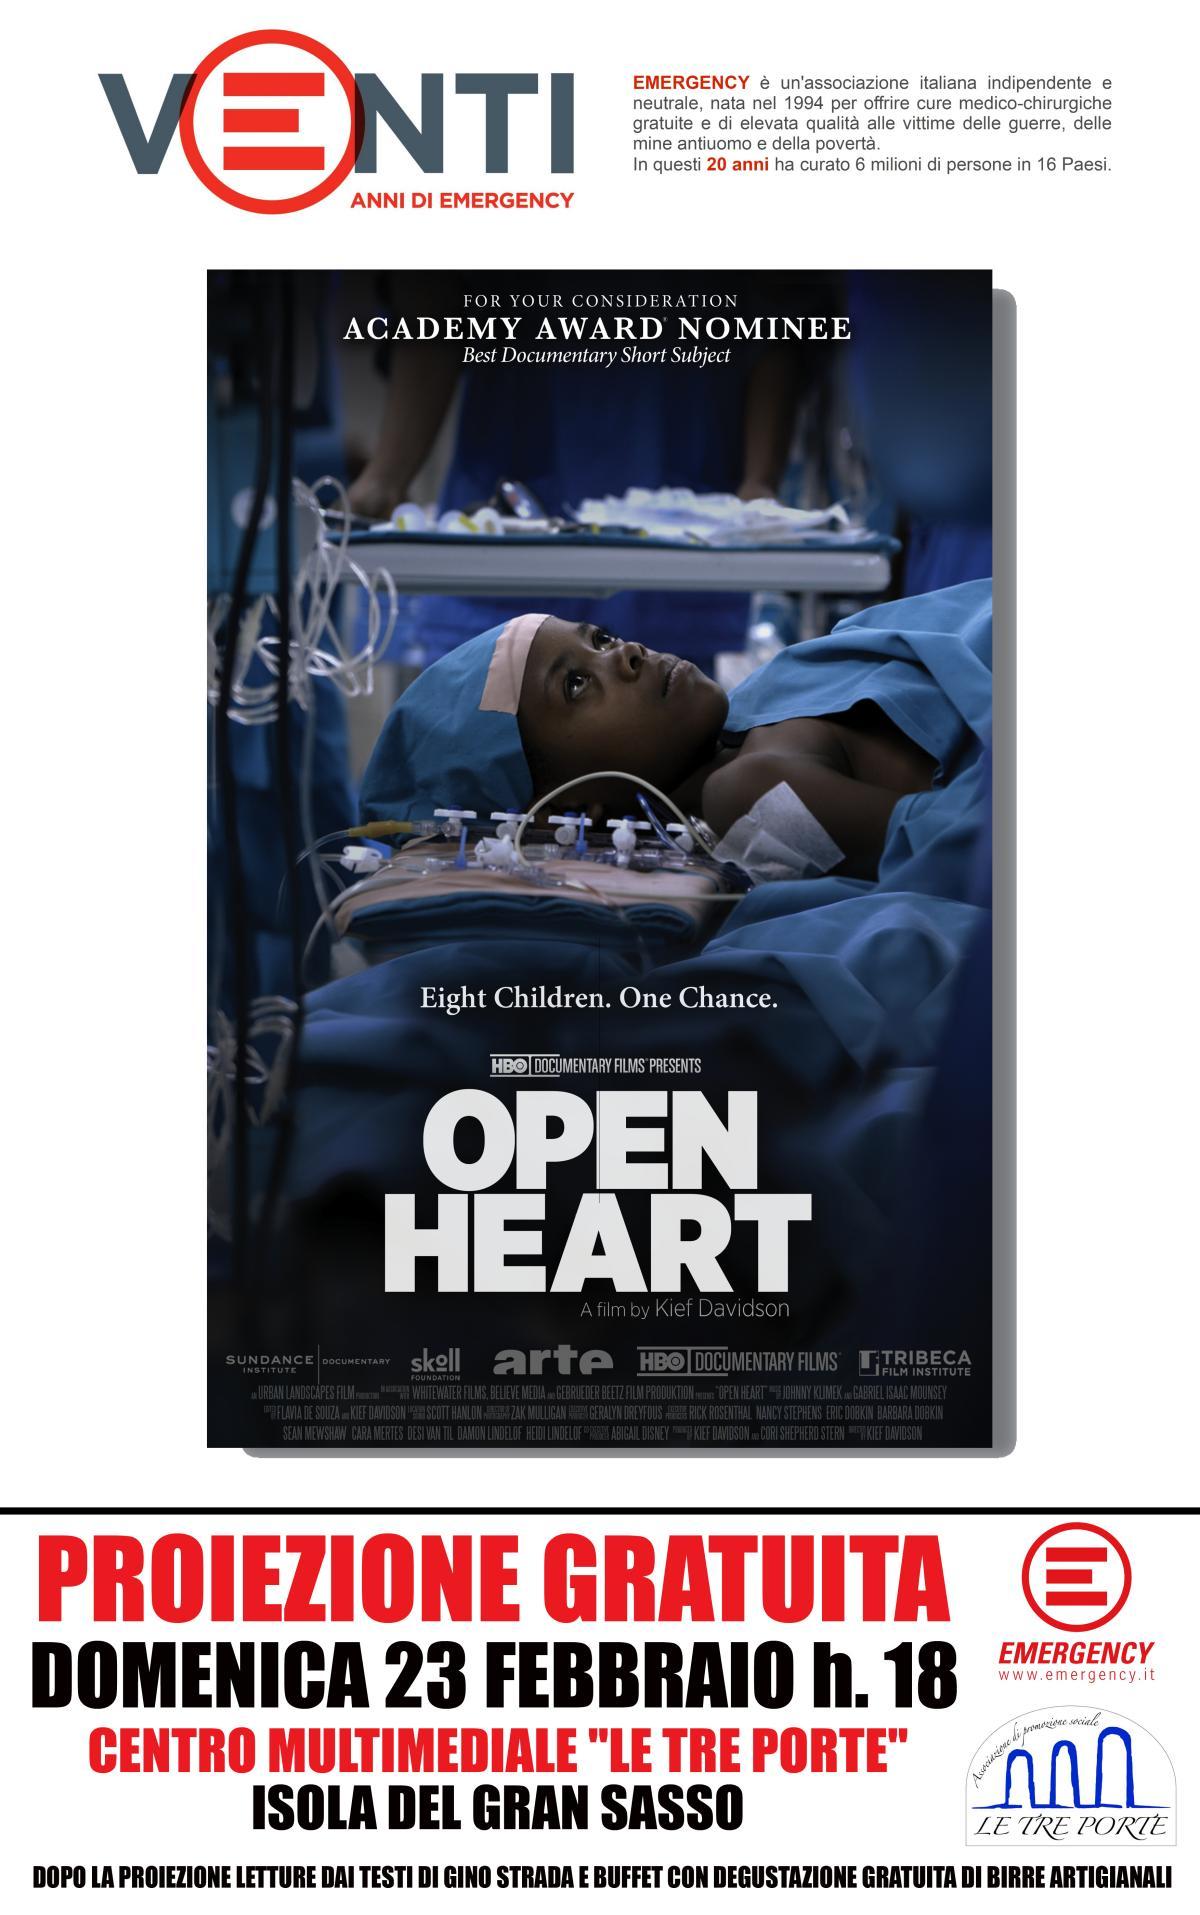 Open Heart, la storia di 8 bambini e un'unica possibilità di sopravvivenza